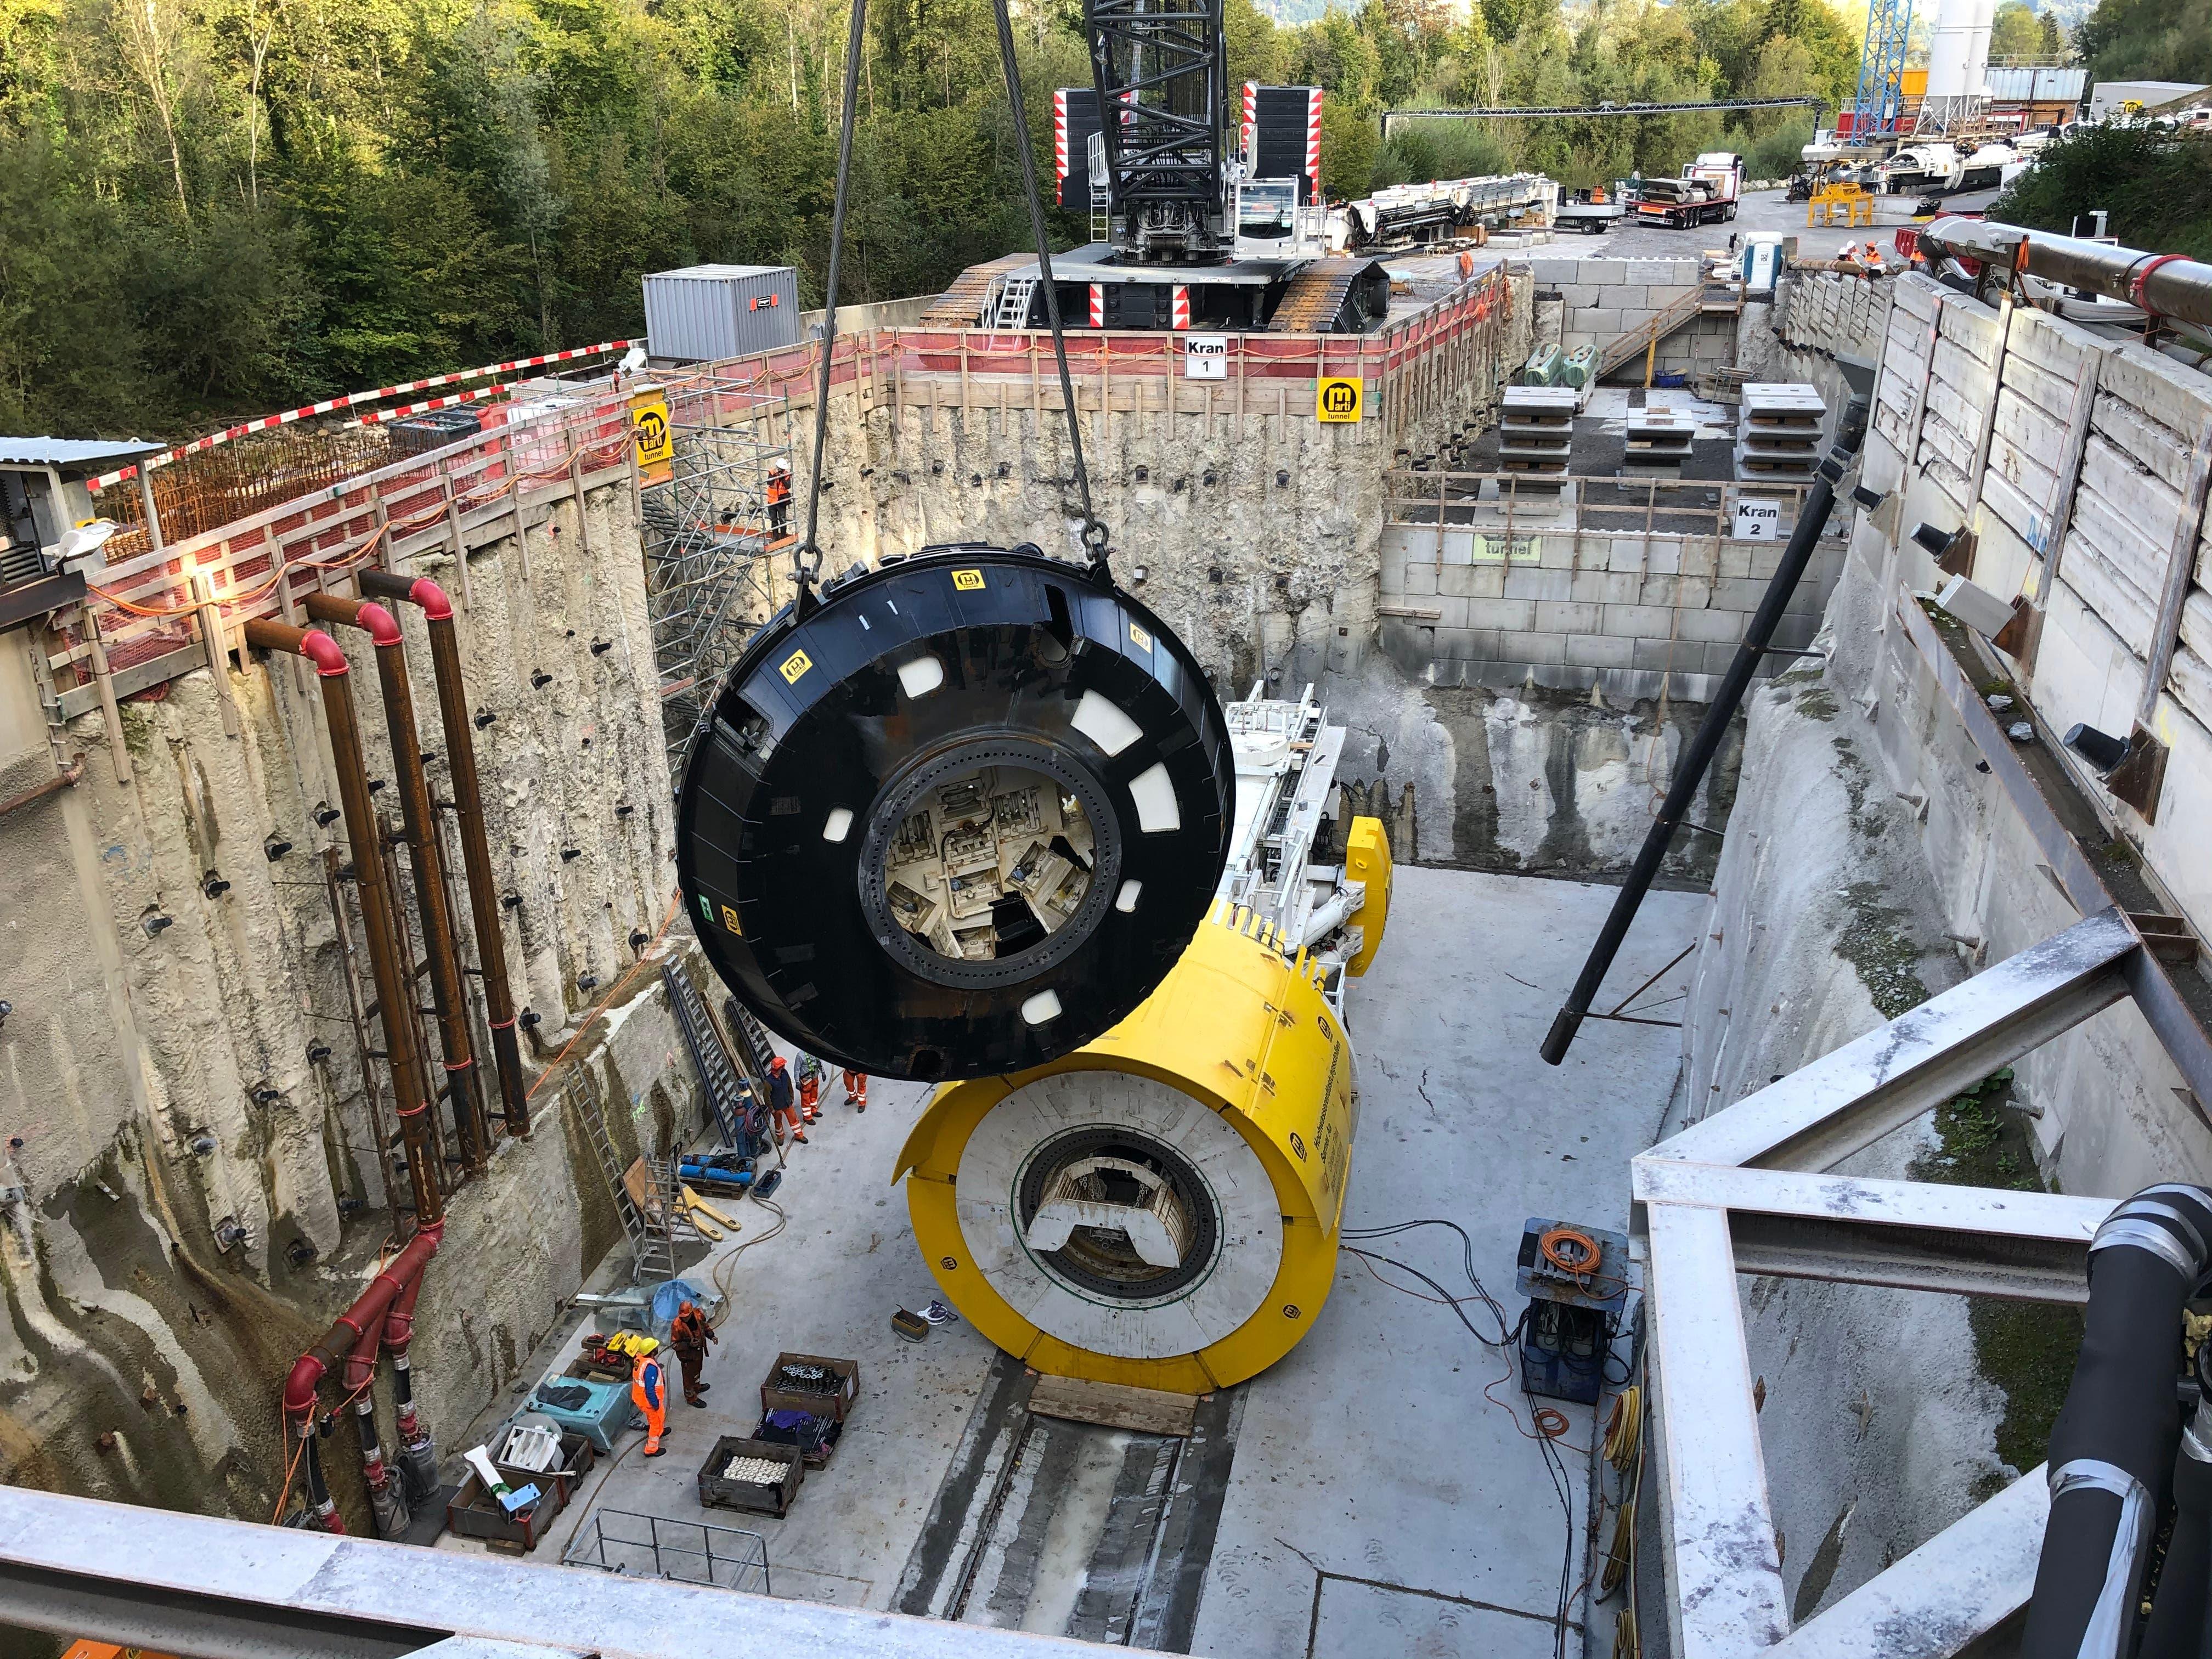 Der Bohrkopf mit einem Gewicht von 88 Tonnen und einem Durchmesser von 6,53 Metern wird in Alpnahc in die Baugrube gehievt.